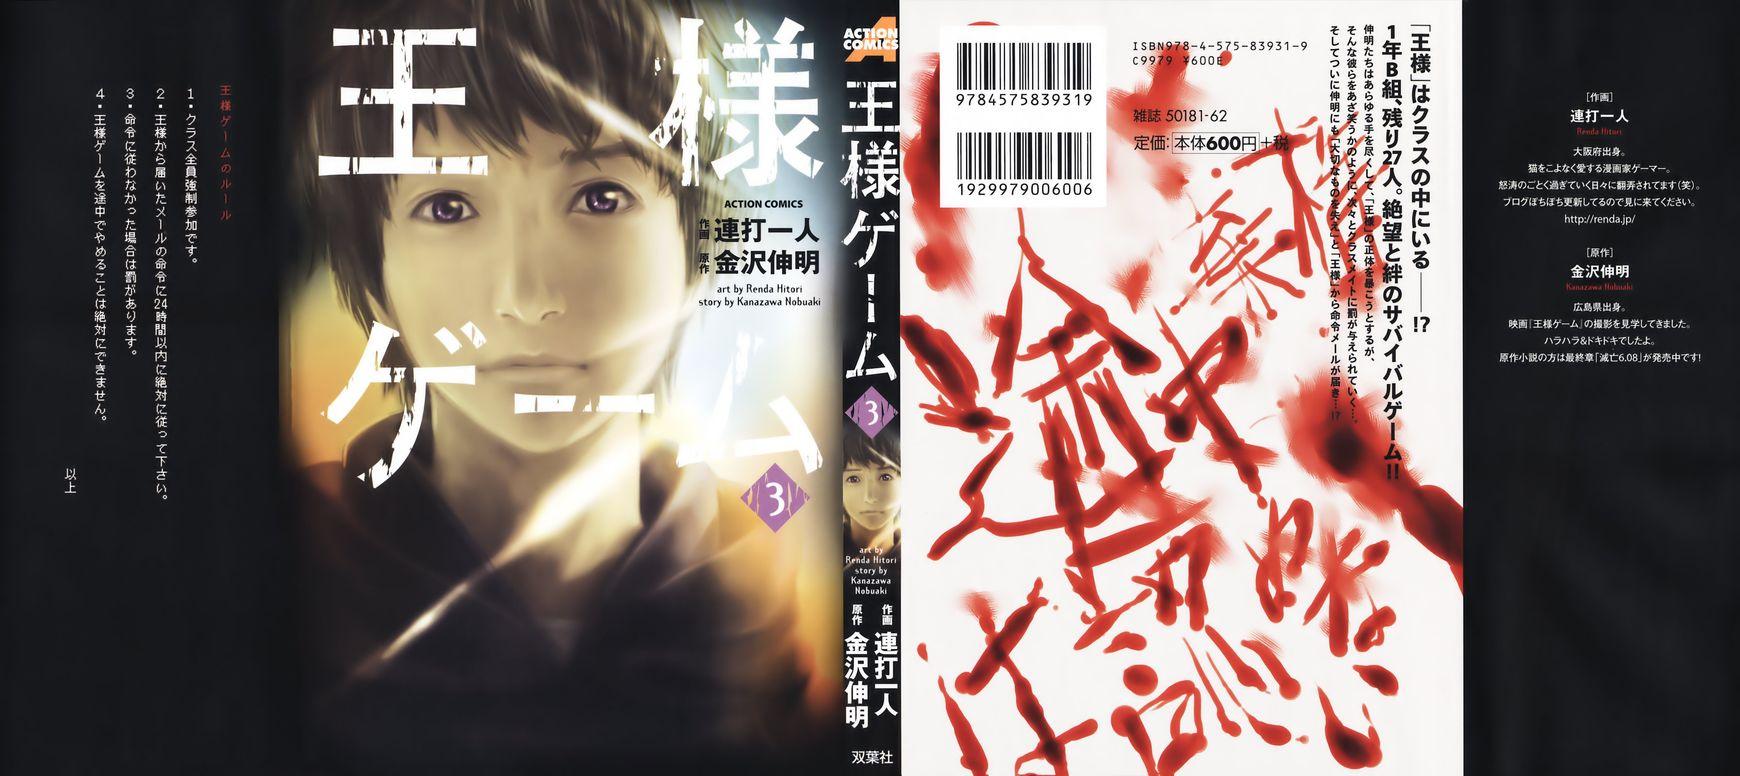 Ousama Game (Renda Hitori) 11 Page 2